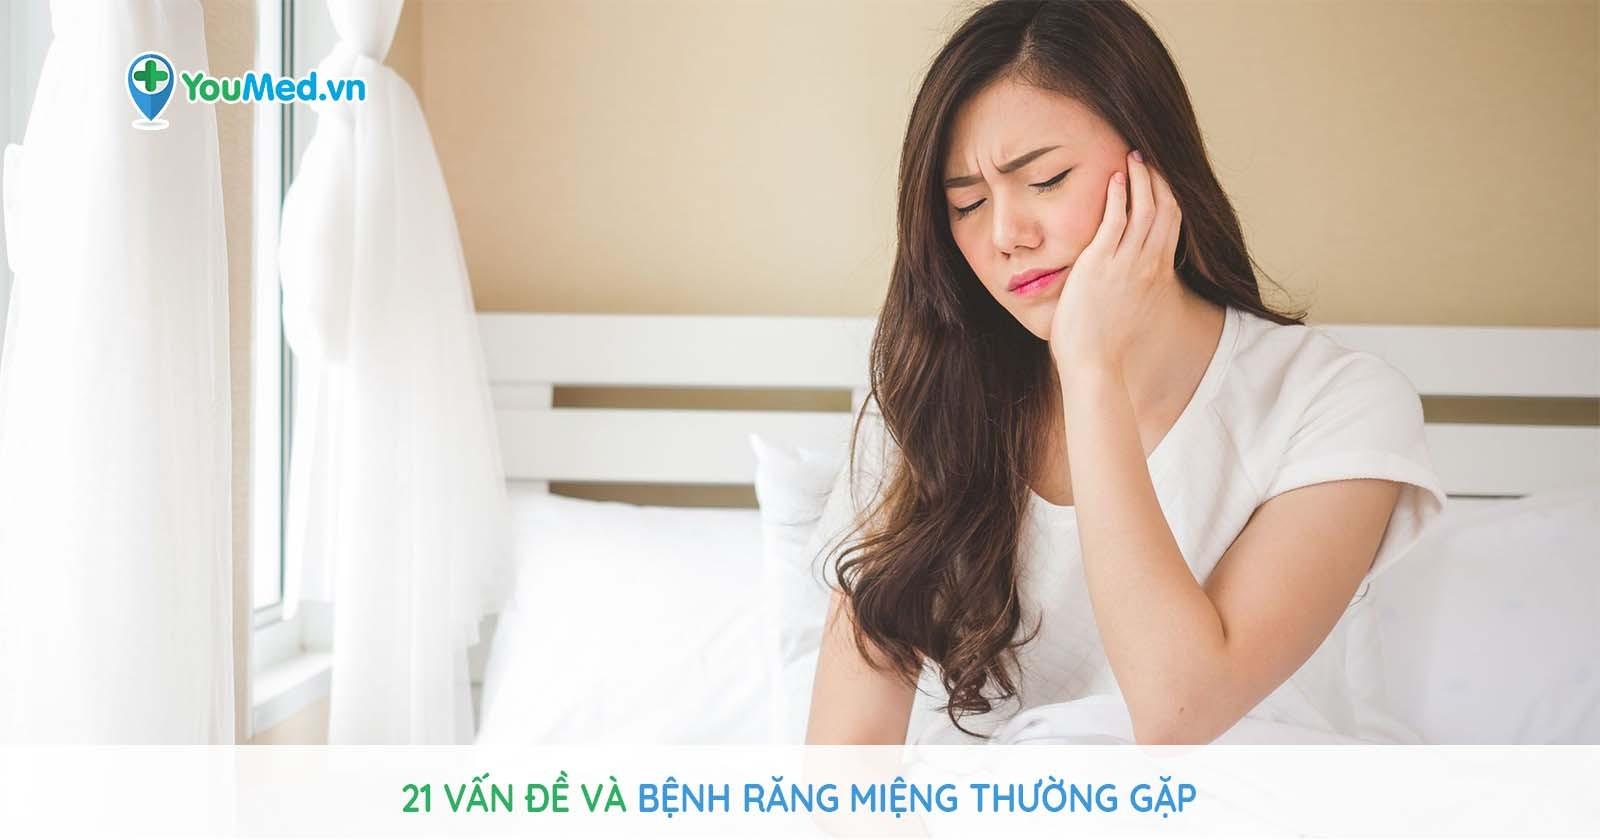 21 vấn đề và bệnh răng miệng thường gặp